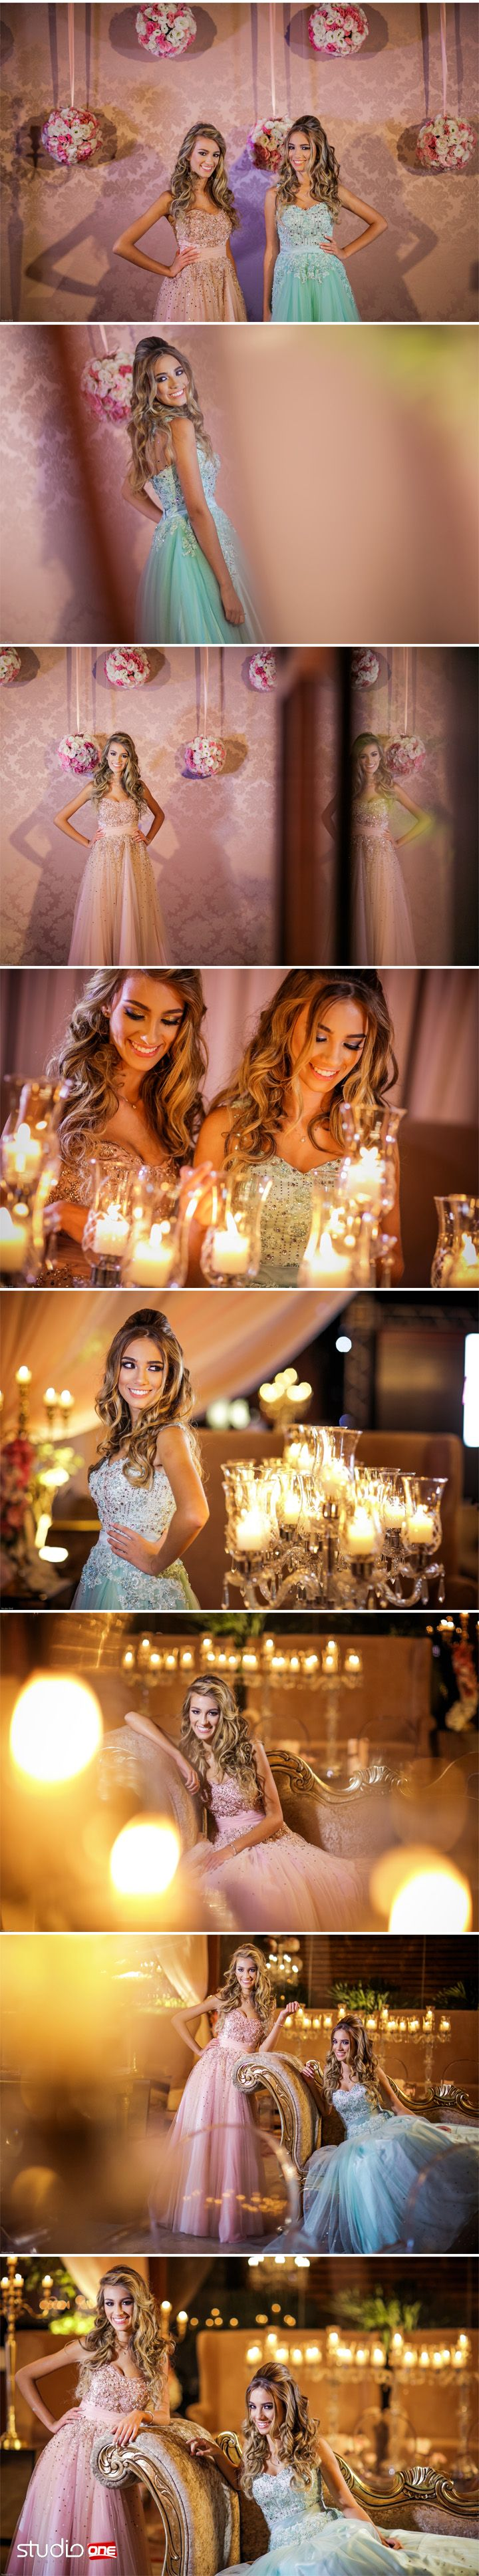 03 vestido de Festa de 15 anos Paola e Pietra taboo curitiba gêmeas studio one fotografia regina moraes estilista